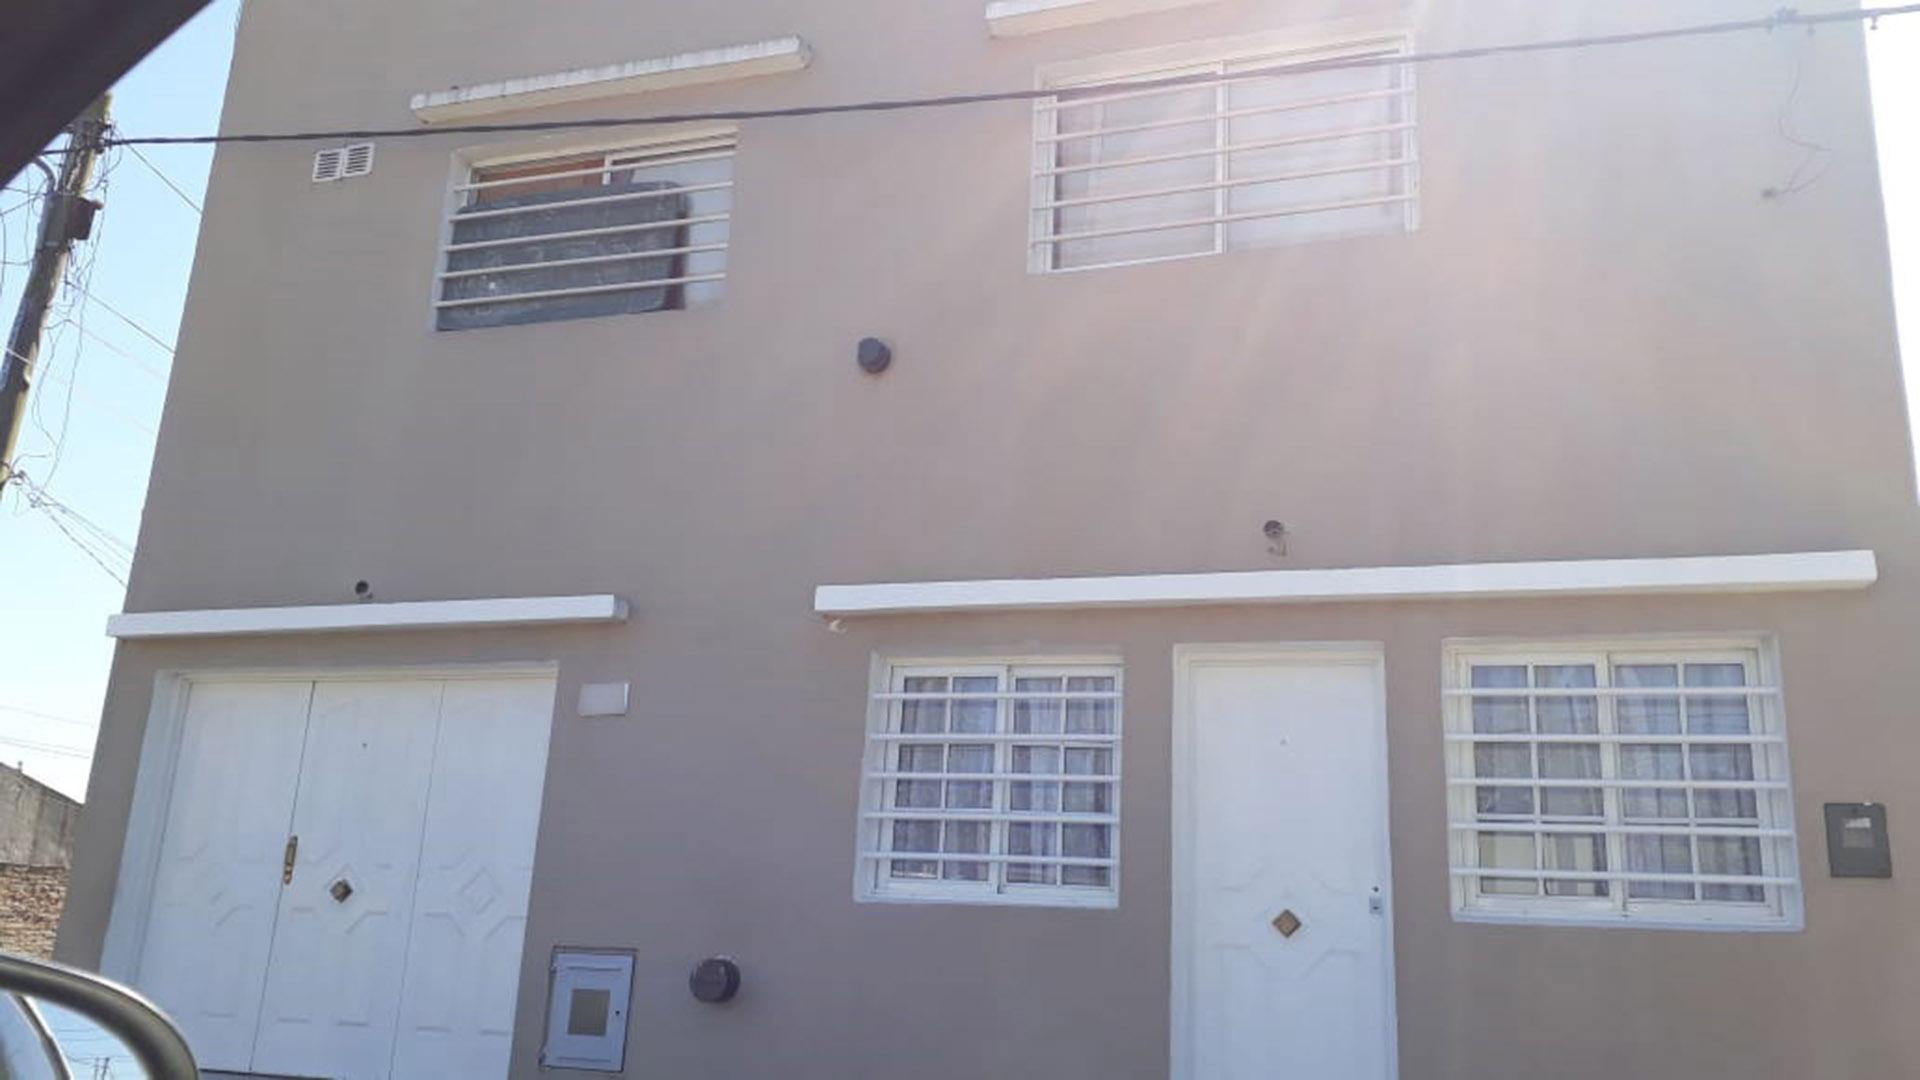 La casa en el barrio San Carlos donde ocurrió el crimen